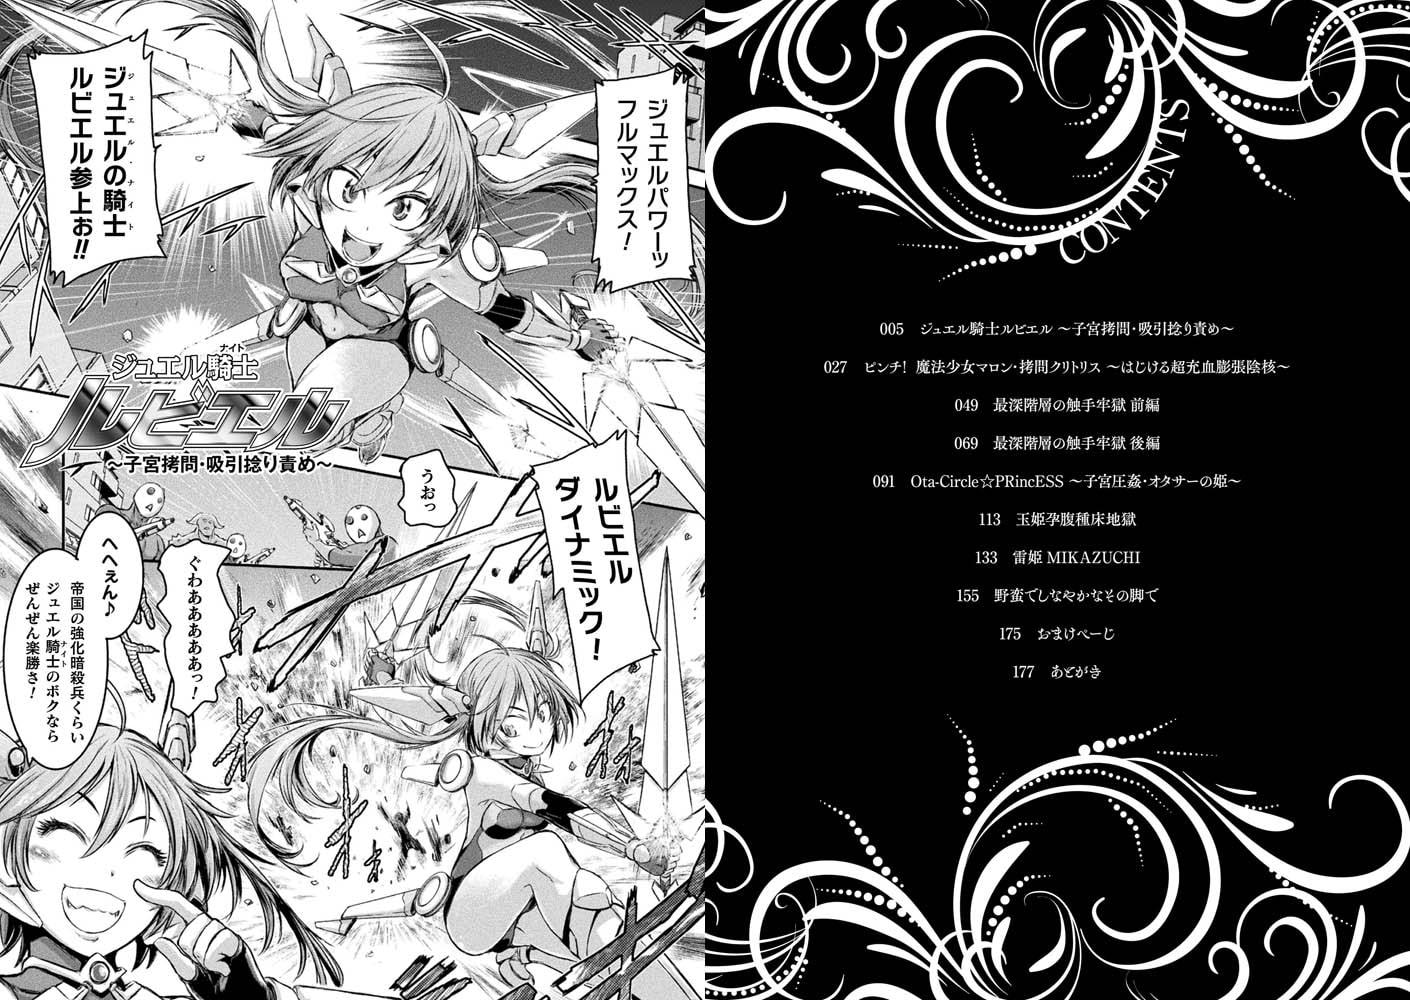 【触手】石野鐘音先生2冊パック(202010) サンプル画像1